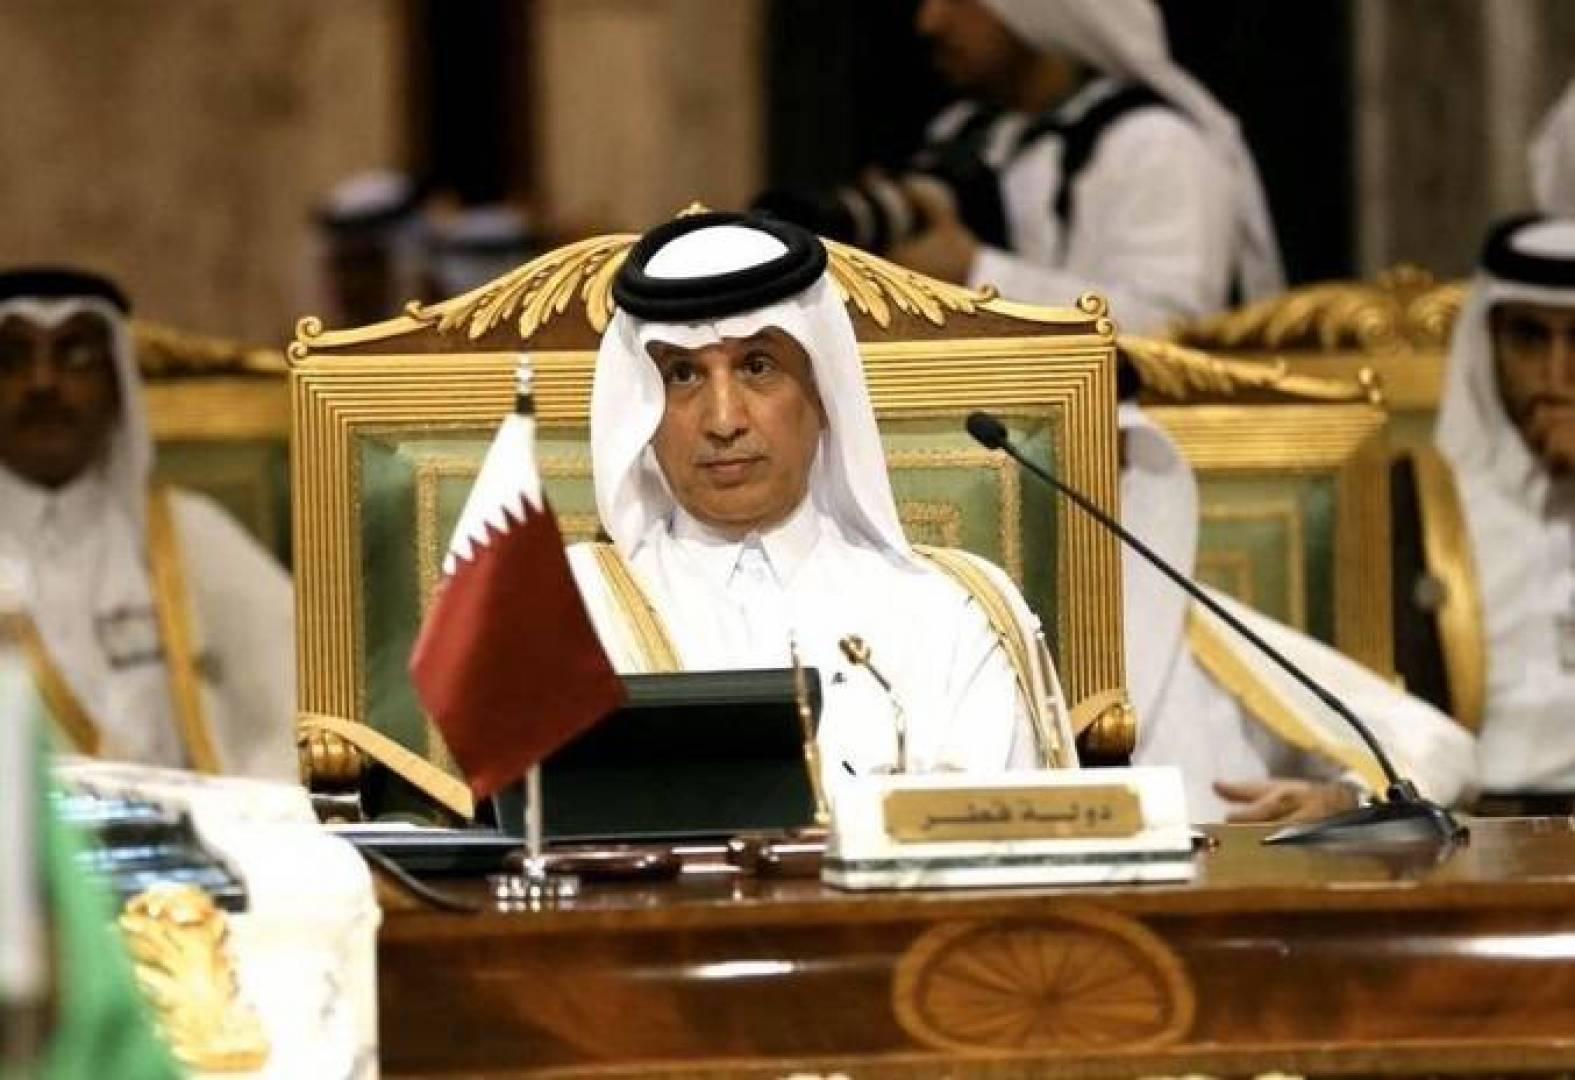 وكالة الأنباء القطرية: وزير الدولة القطري للشؤون الخارجية يصل إلى الرياض